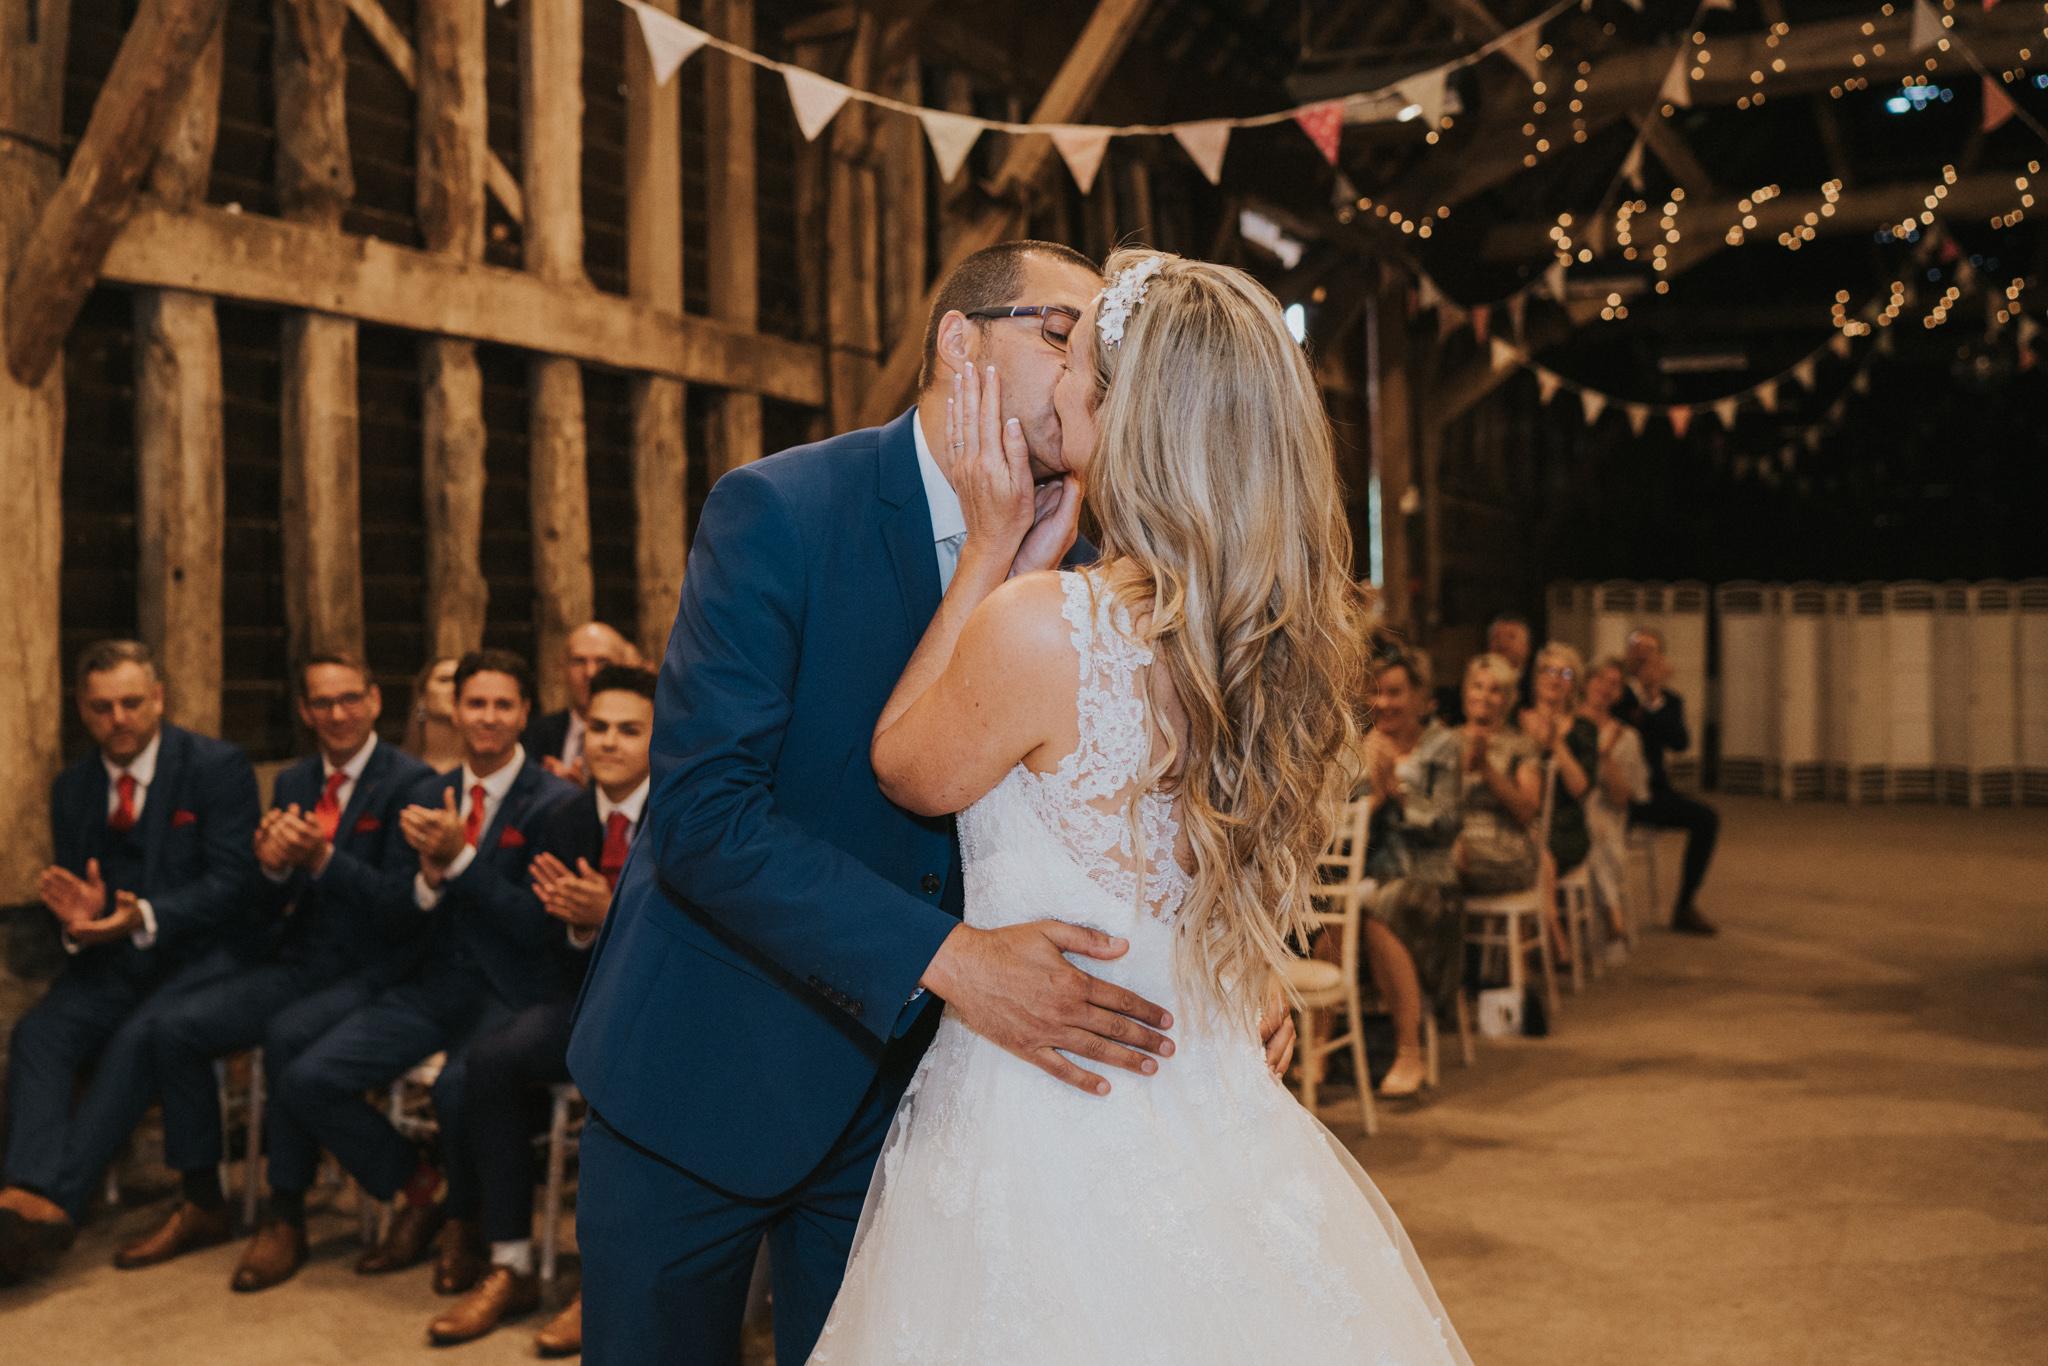 karen-tony-blackthorpe-barn-diy-wedding-grace-elizabeth-colchester-essex-alternative-wedding-lifestyle-photographer-essex-suffolk-norfolk-devon (19 of 35).jpg